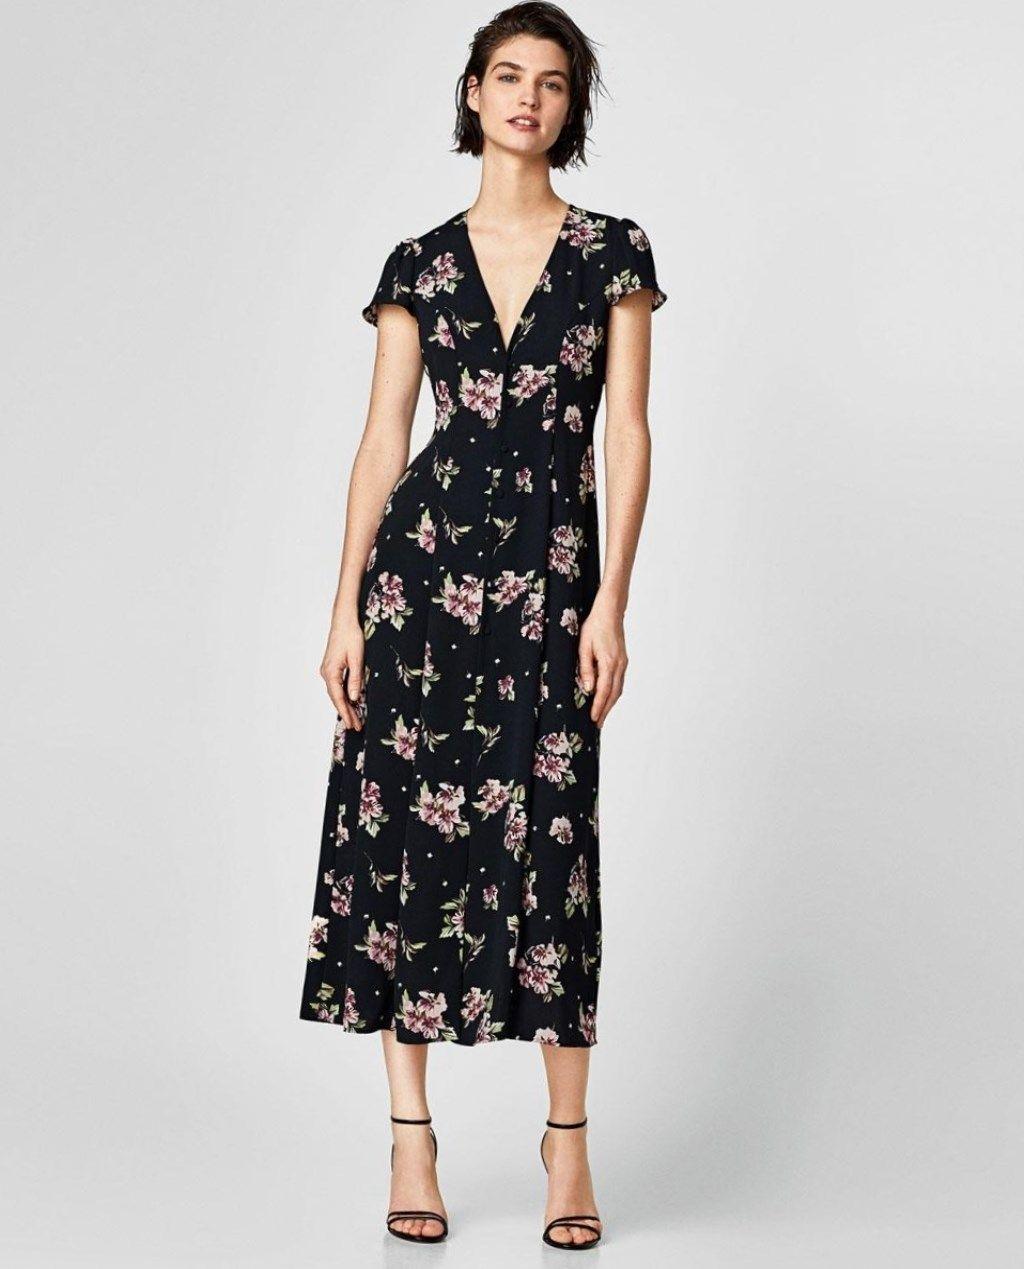 Schön Schöne Kleider Damen Stylish13 Luxurius Schöne Kleider Damen Design